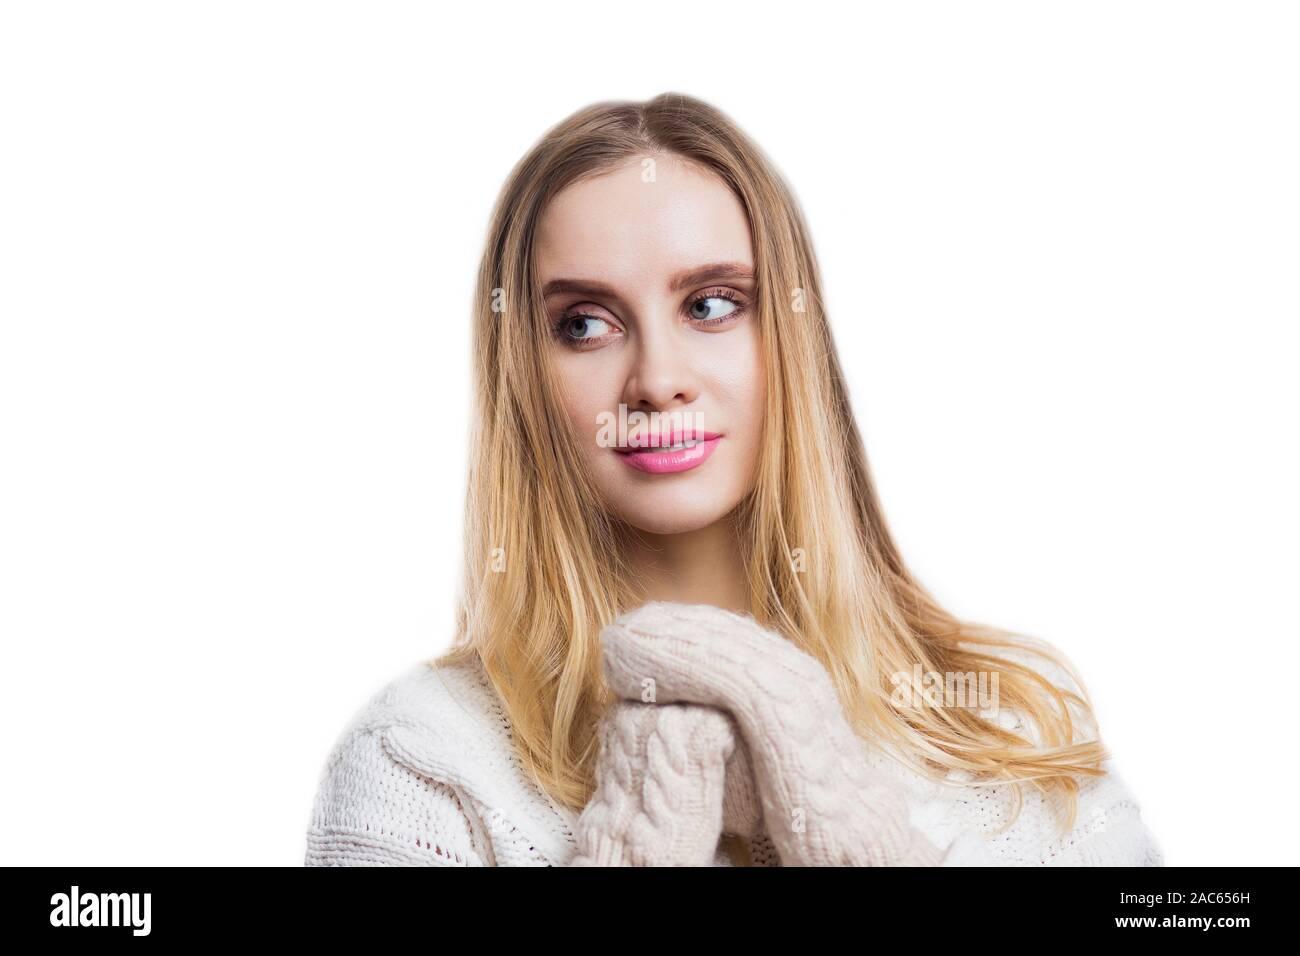 Portrait d'hiver belle jeune femme portant des mitaines tricotés chandail beige et sur fond blanc. Fille blonde en souriant et à la voiture. L'hiver, Banque D'Images